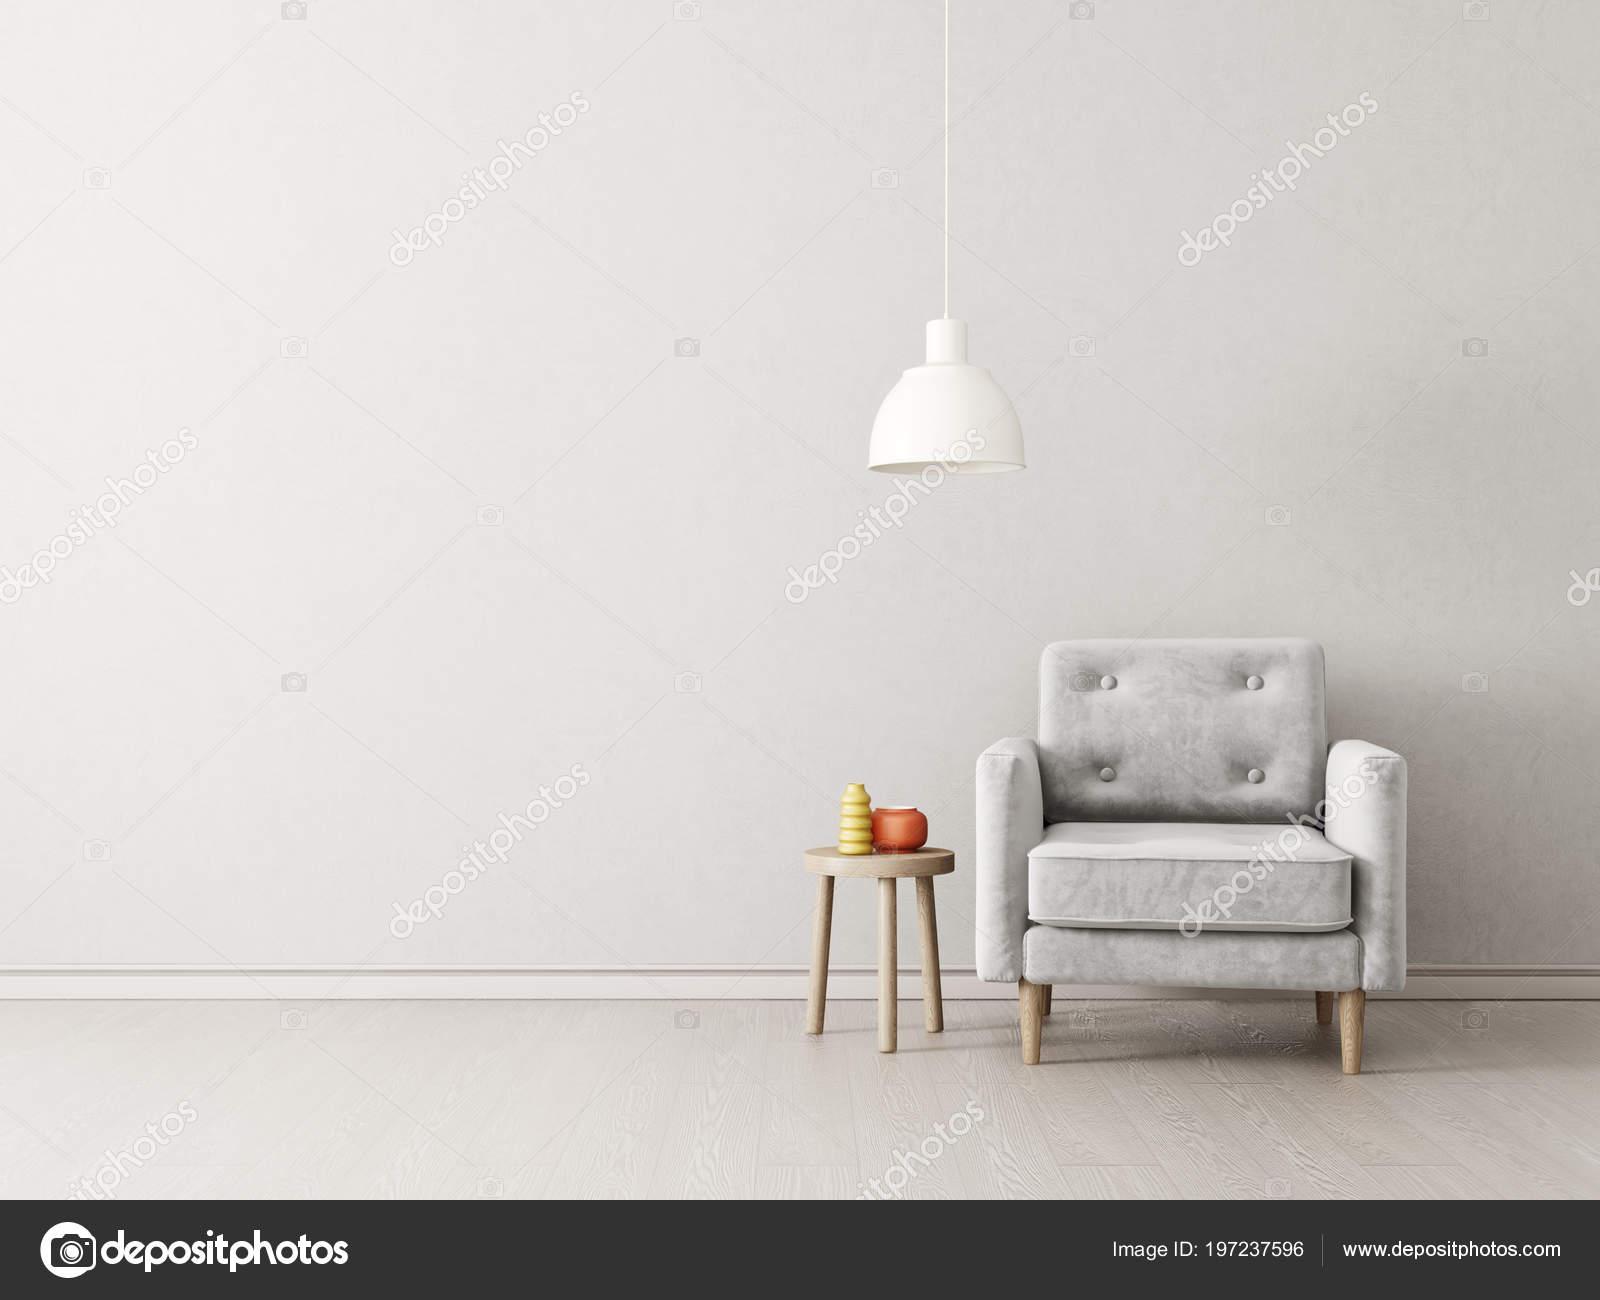 Lampen Scandinavisch Interieur : Moderne woonkamer met leunstoel lamp scandinavisch interieur